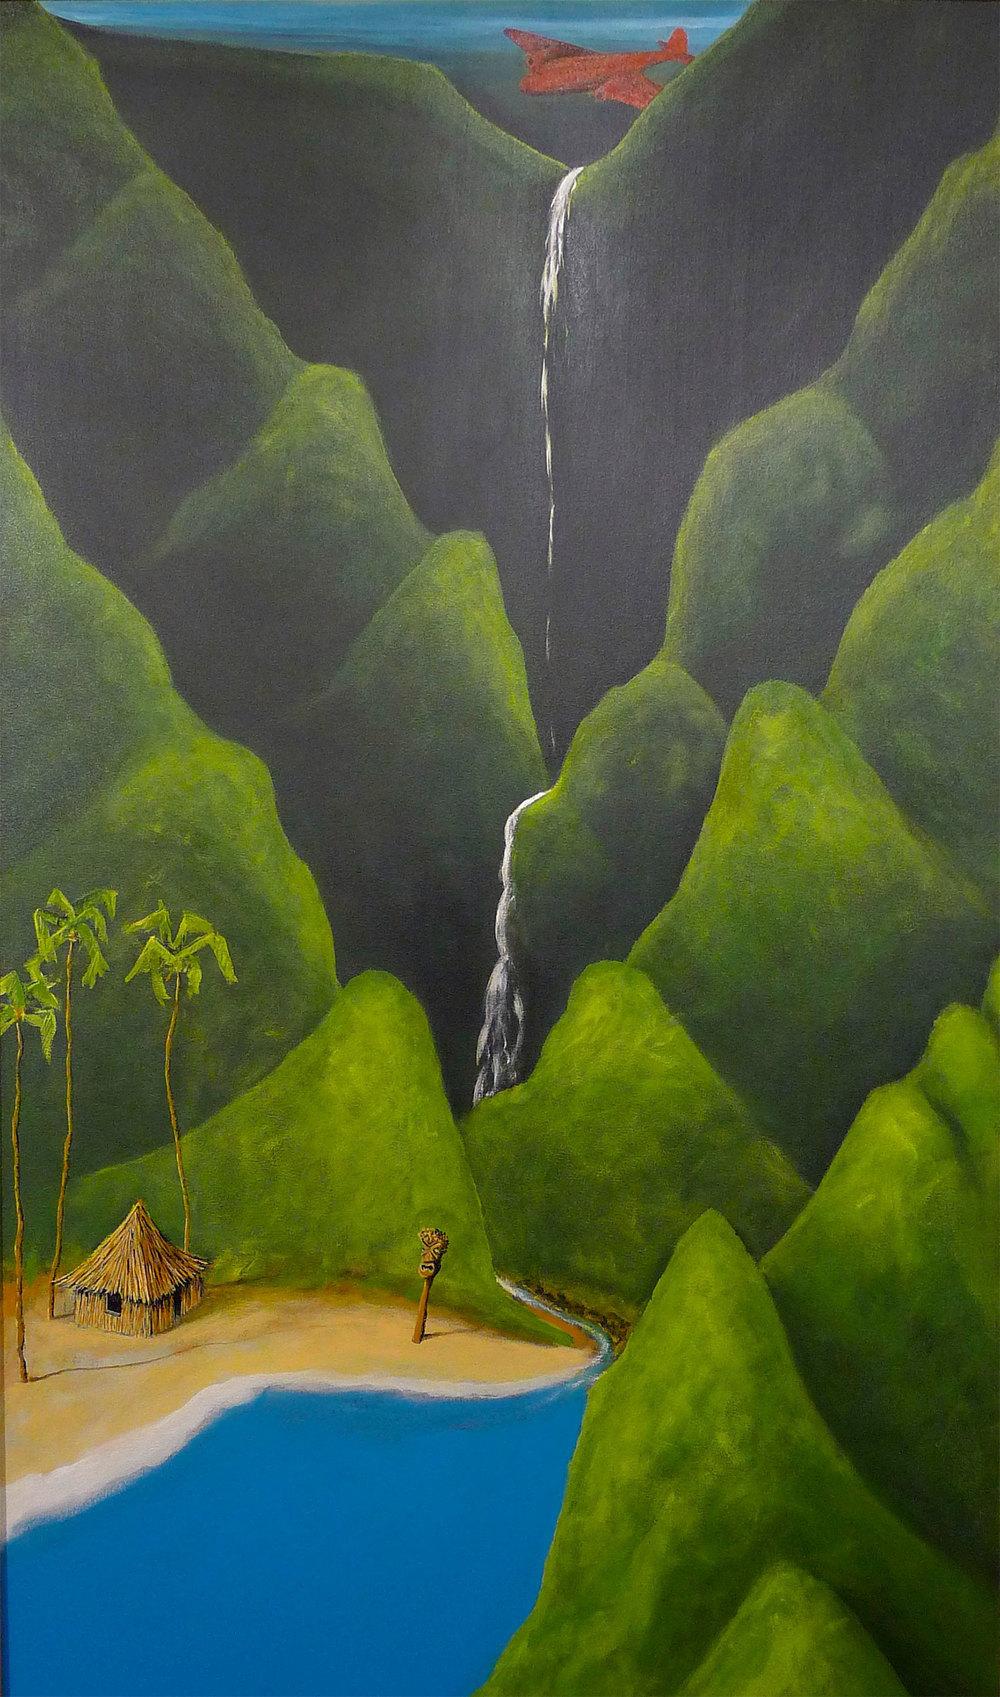 'tall-fall'-62'-x-37'--framed-acrylic-on-canvas--2014.jpg